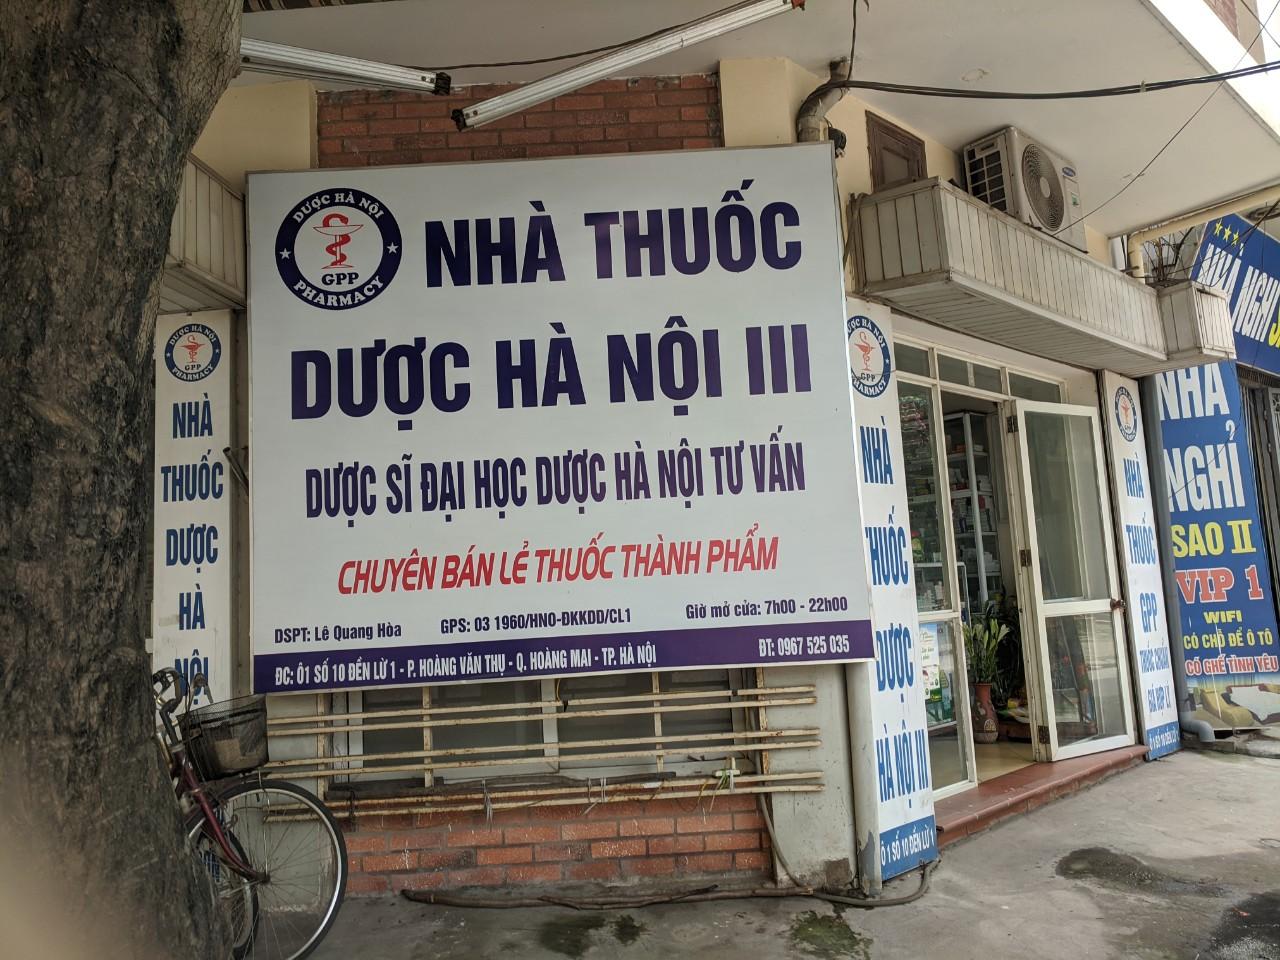 NT Dược Hà Nội 3